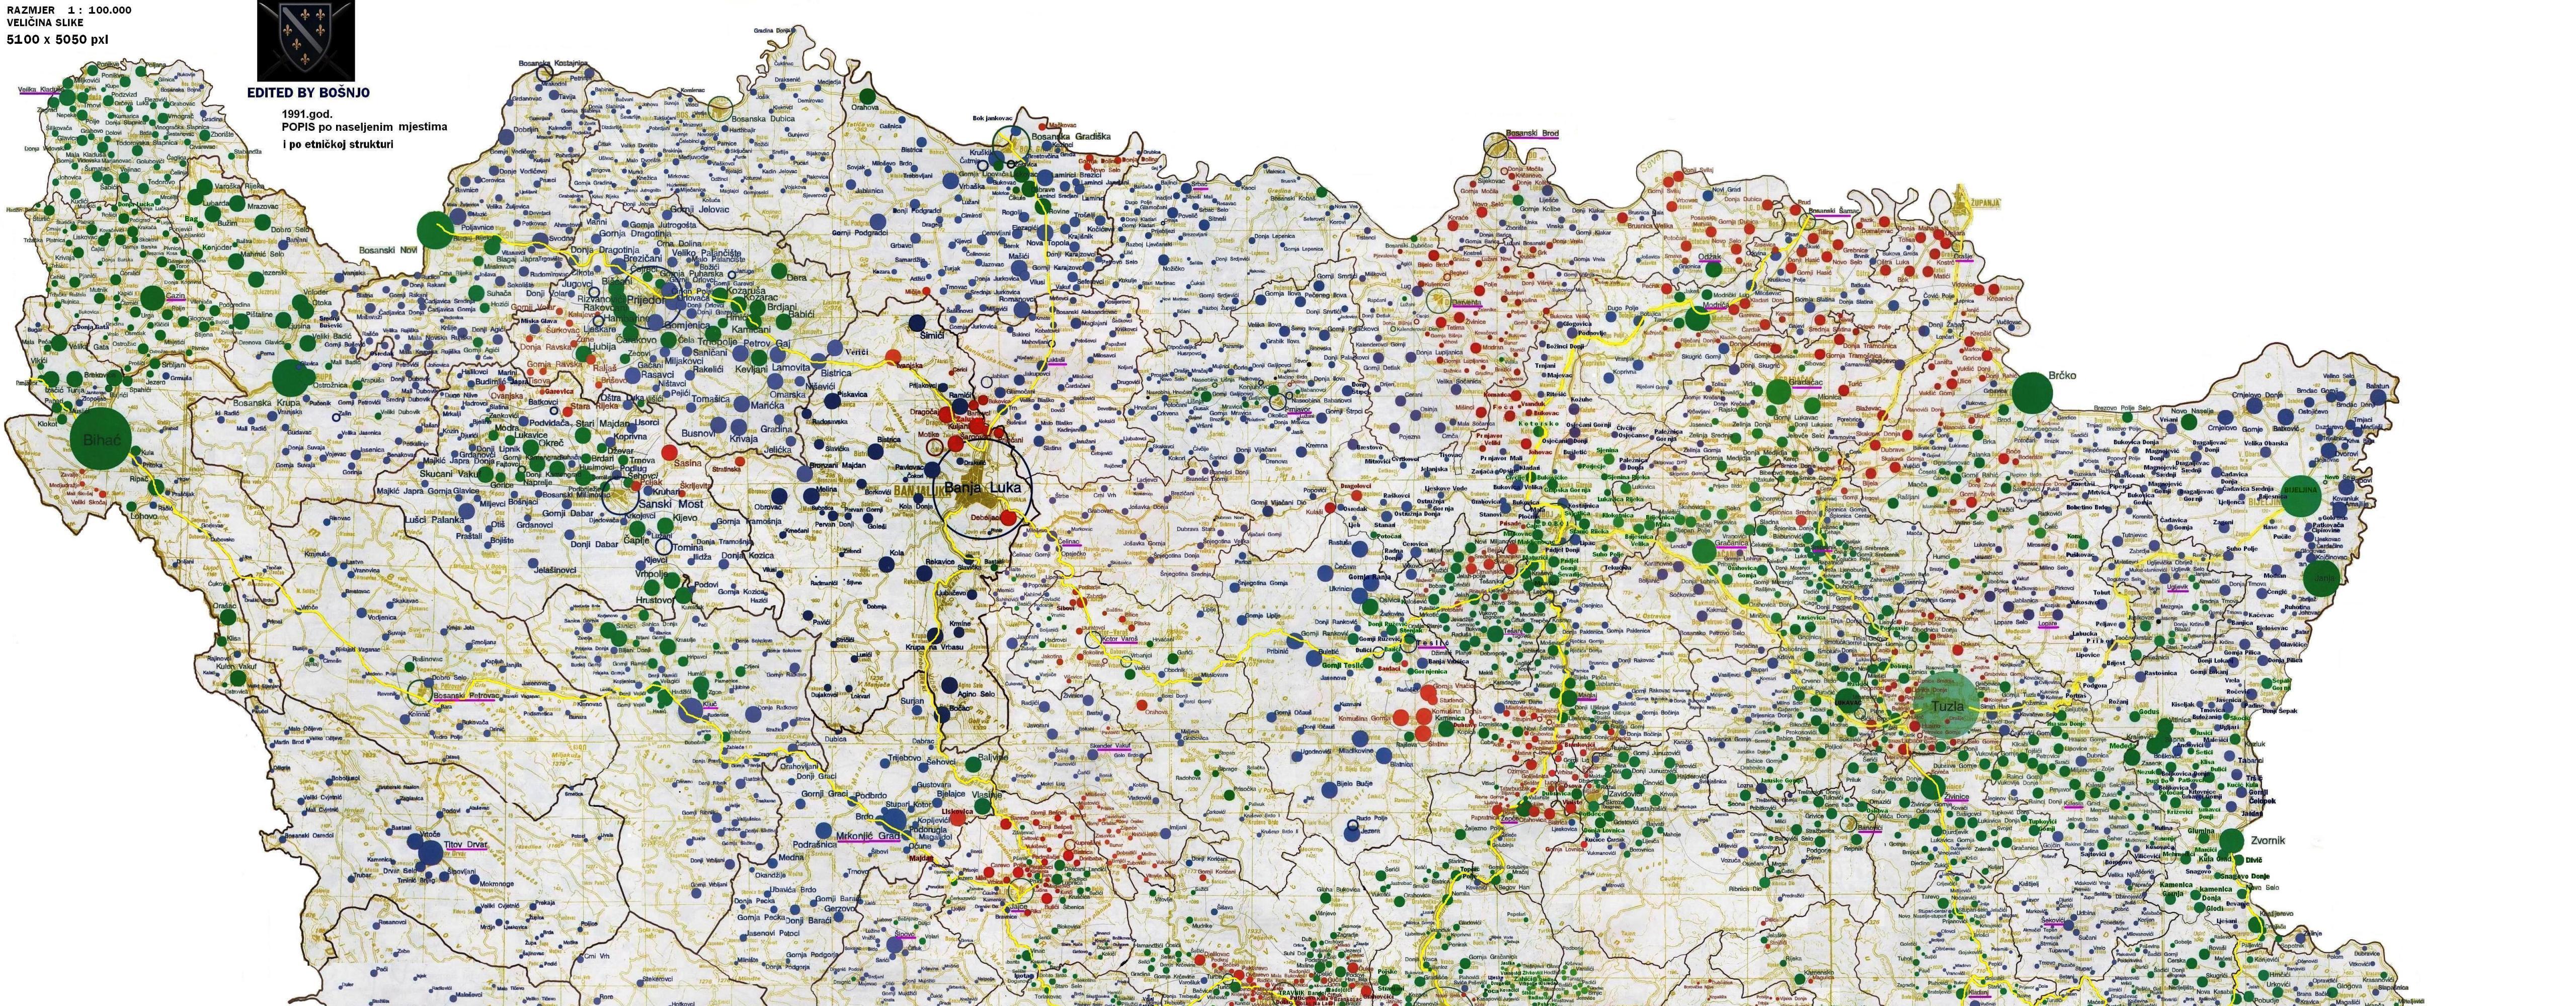 Auto Mapa Bih Etnička Mapa Bih 1991 za